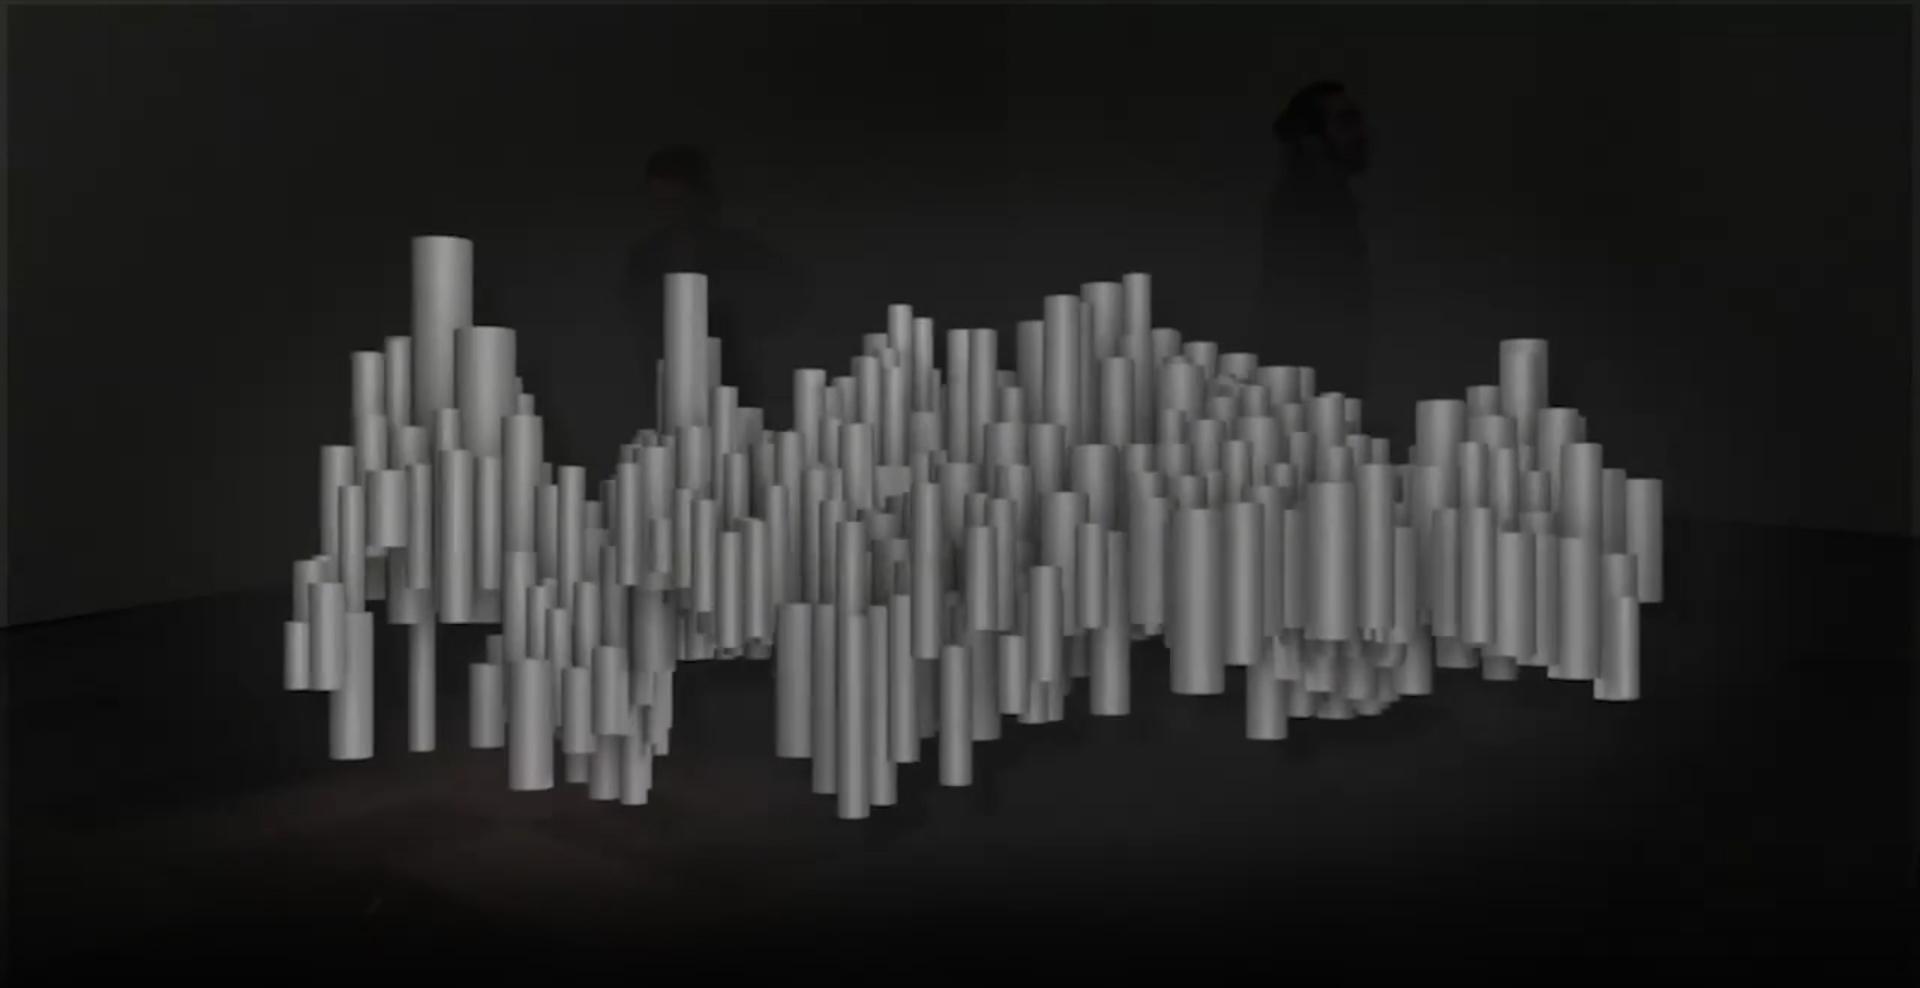 ©ISEA2015: 21st International Symposium on Electronic Art, Pirkka Åman, Lukas Kuehne, Matti Niinimäki, Jairo Acosta Lara, Ava Grayson, Karina Jensen, Narim Lee, Sébastien Piquemal, and Taavi Varm, Passio Musicae Open Source: Interactive Sonification of the Sibelius Monument